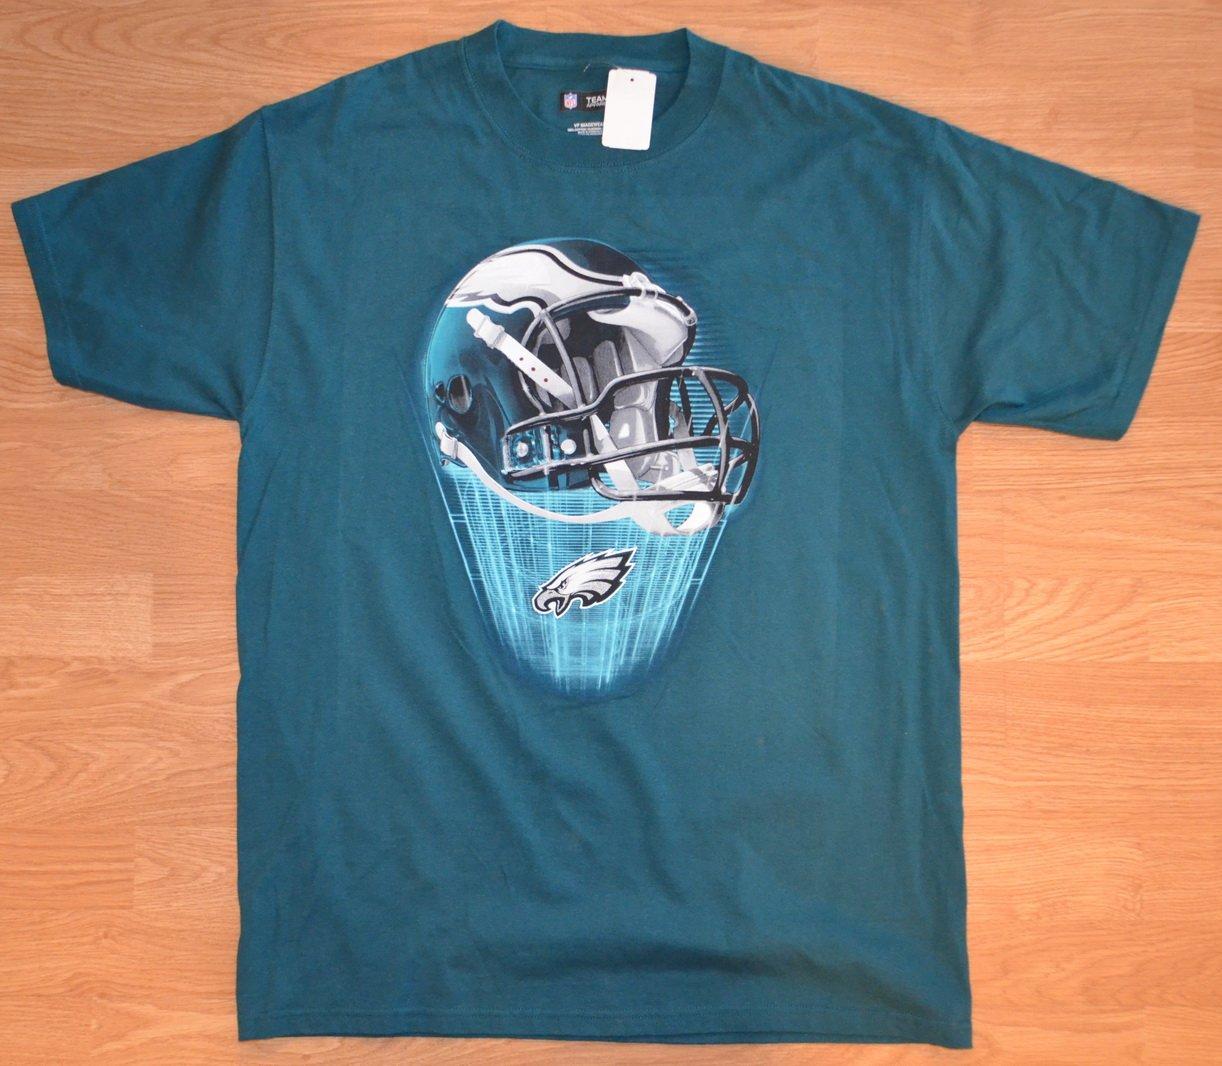 N992 New Men's T-shirt TEAM APPAREL NFL Size L 100% cotton